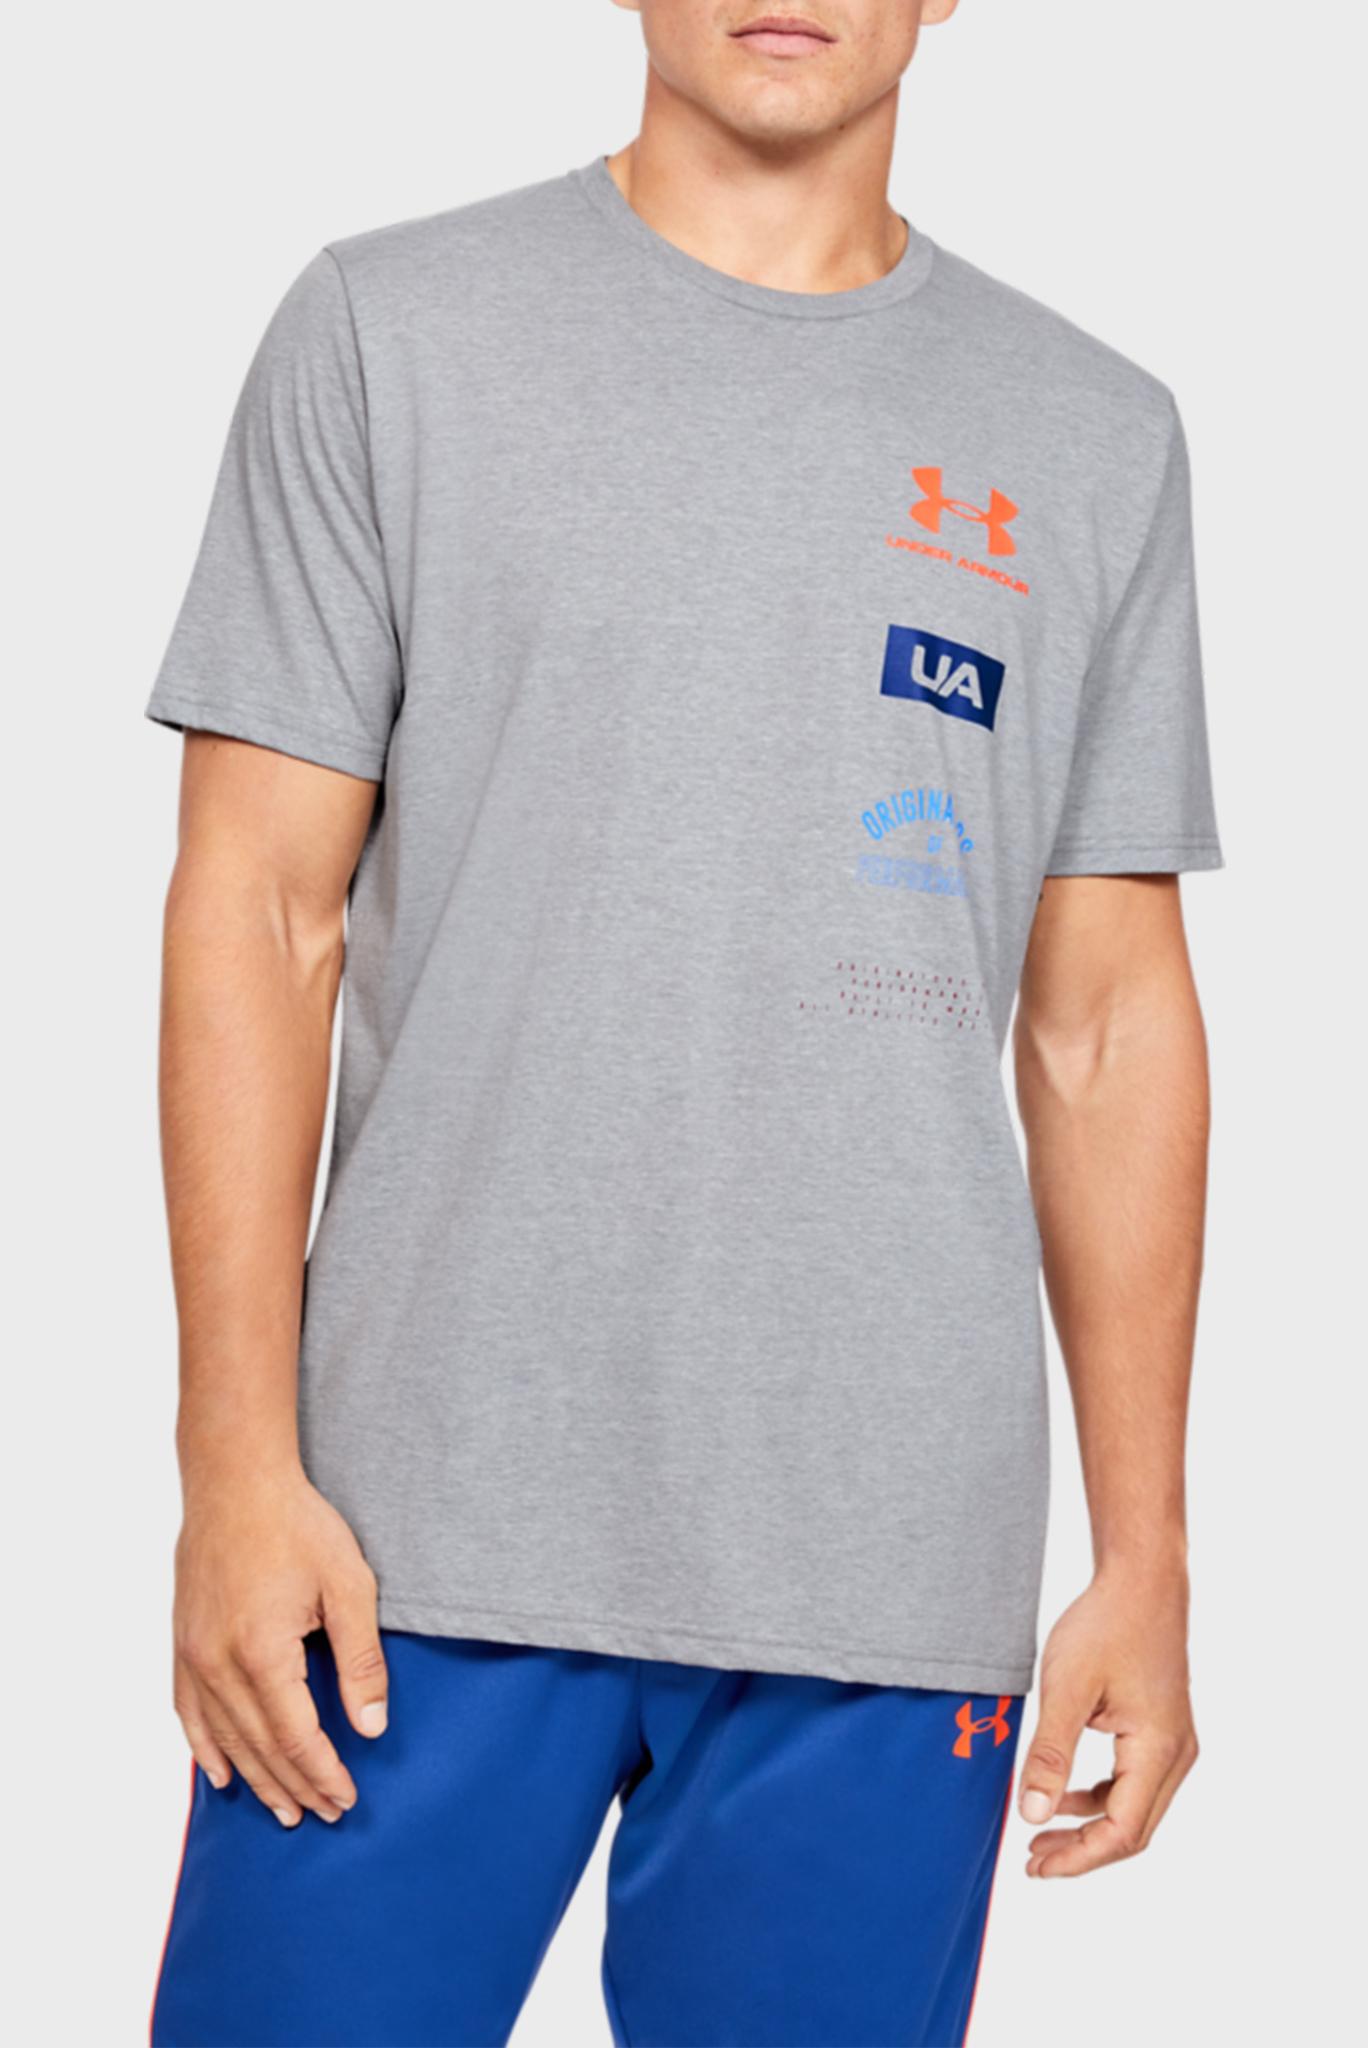 Мужская серая футболка UA PERF. ORIGIN BACK SS-GRY Under Armour